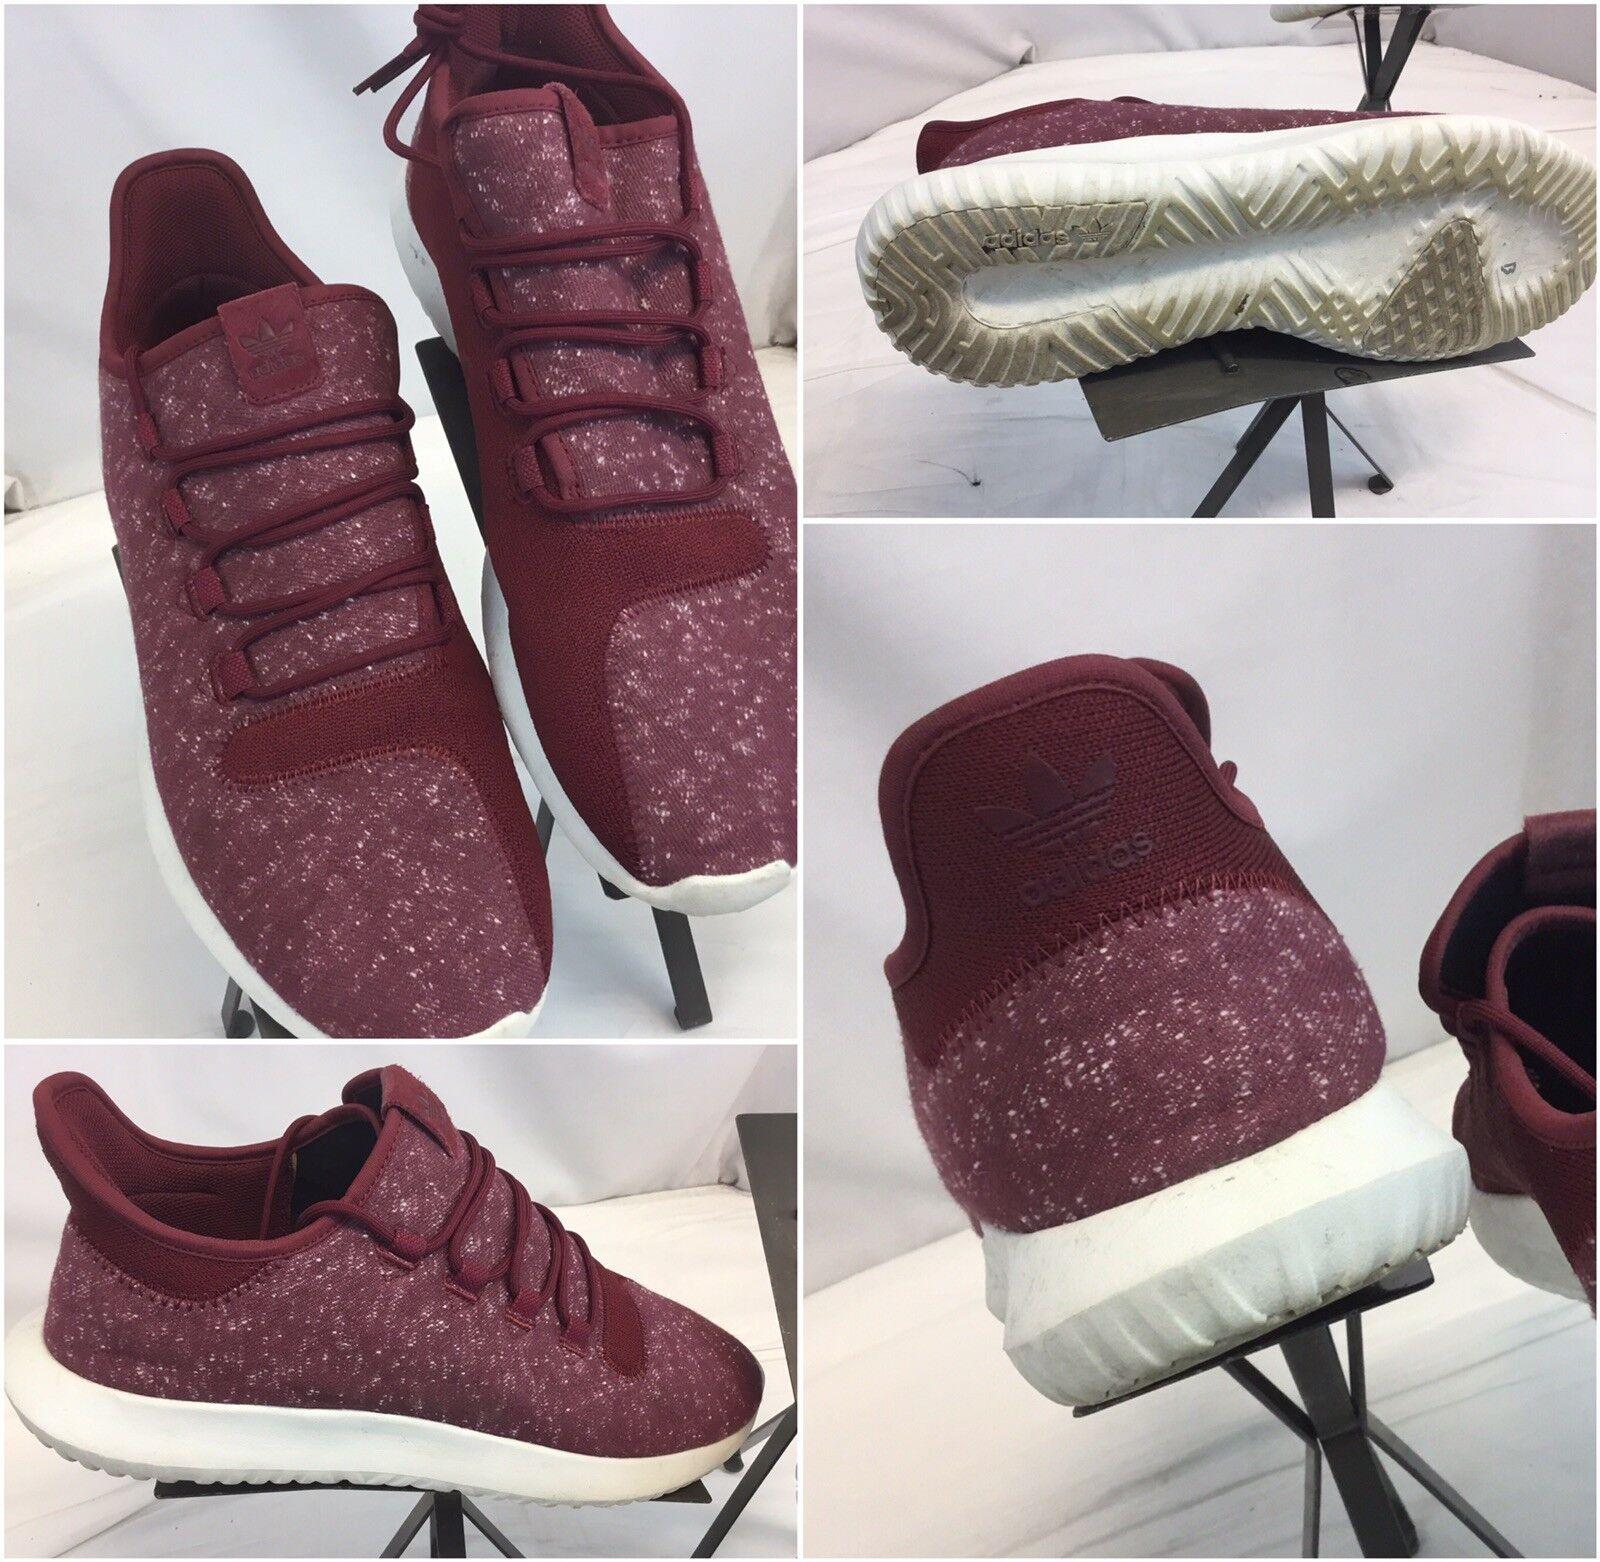 Adidas per rimbalzare sz 13 uomini rossi, scarpe da corsa ygi a9s 2 euc   Primo nella sua classe    Scolaro/Signora Scarpa